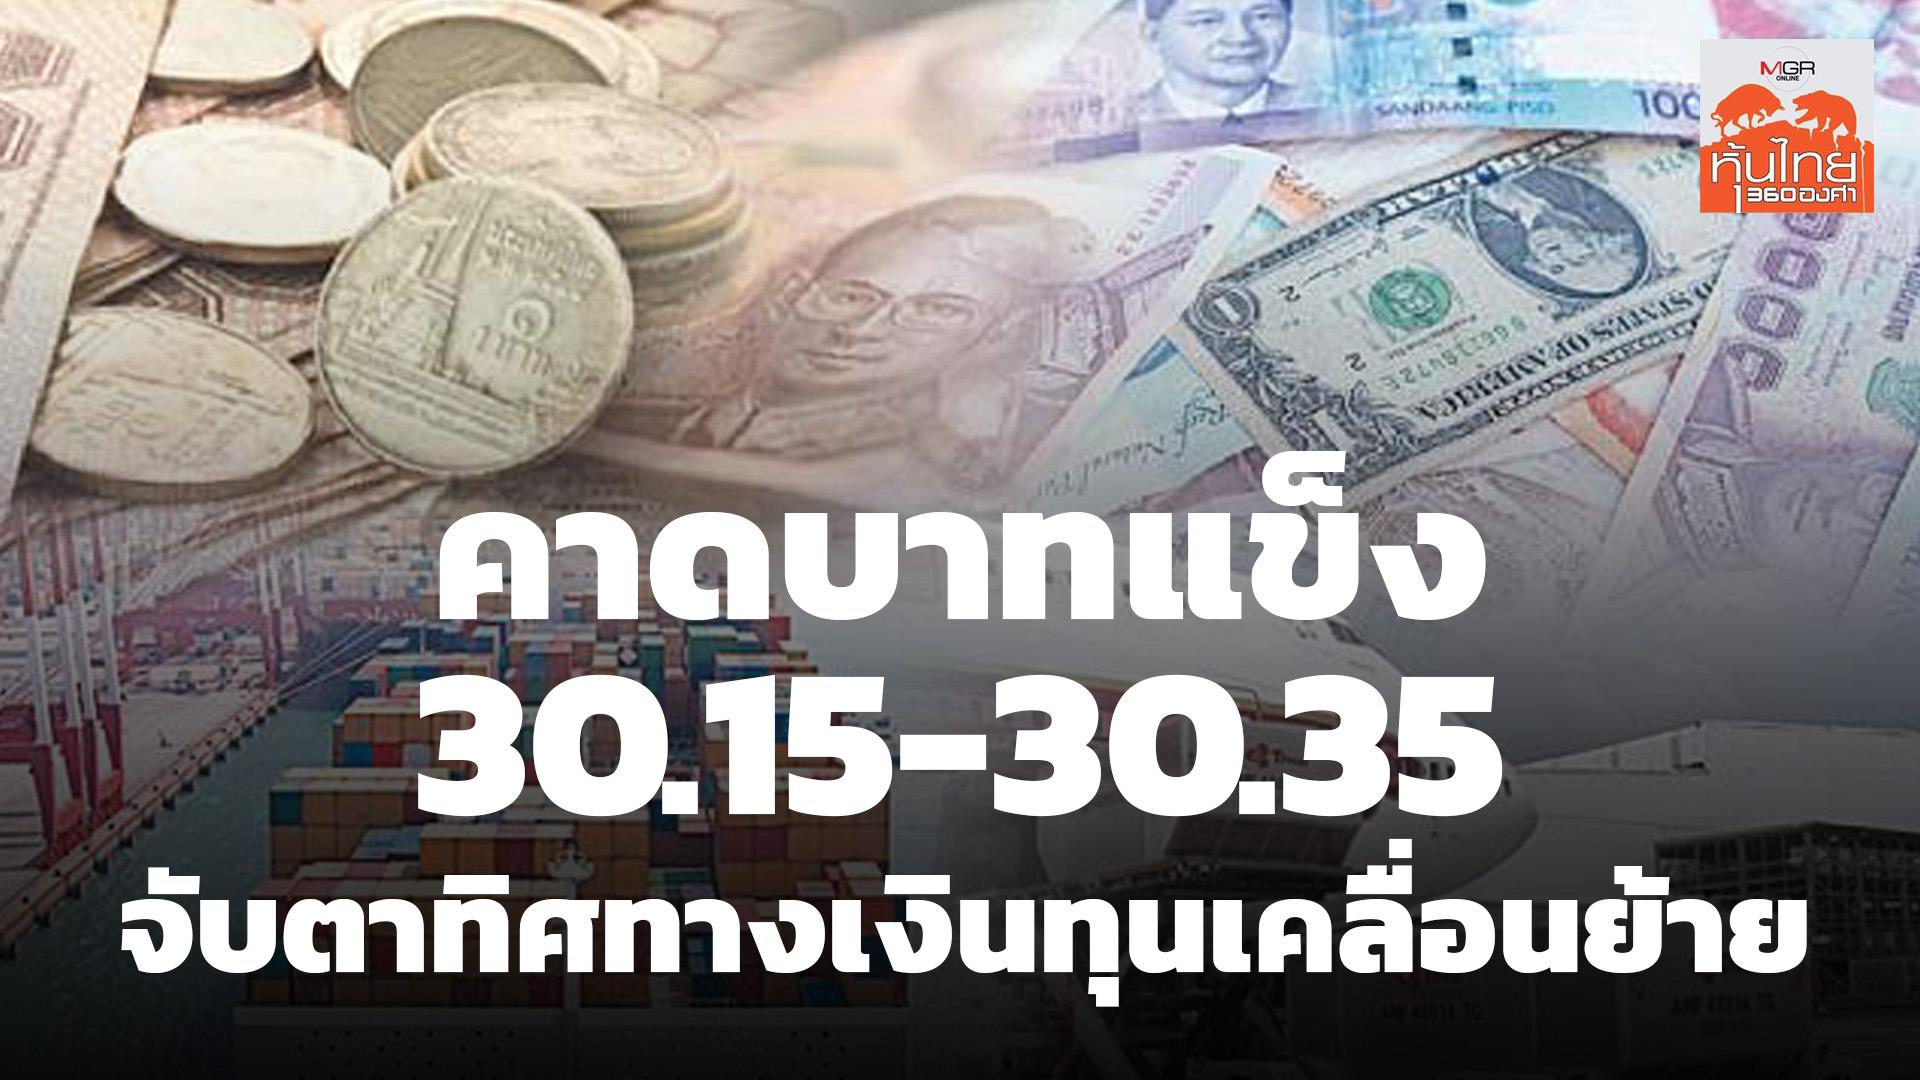 กรุงศรีฯ คาดบาทแข็ง 30.15-30.35 แนะจับตาทิศทางเงินทุนเคลื่อนย้าย